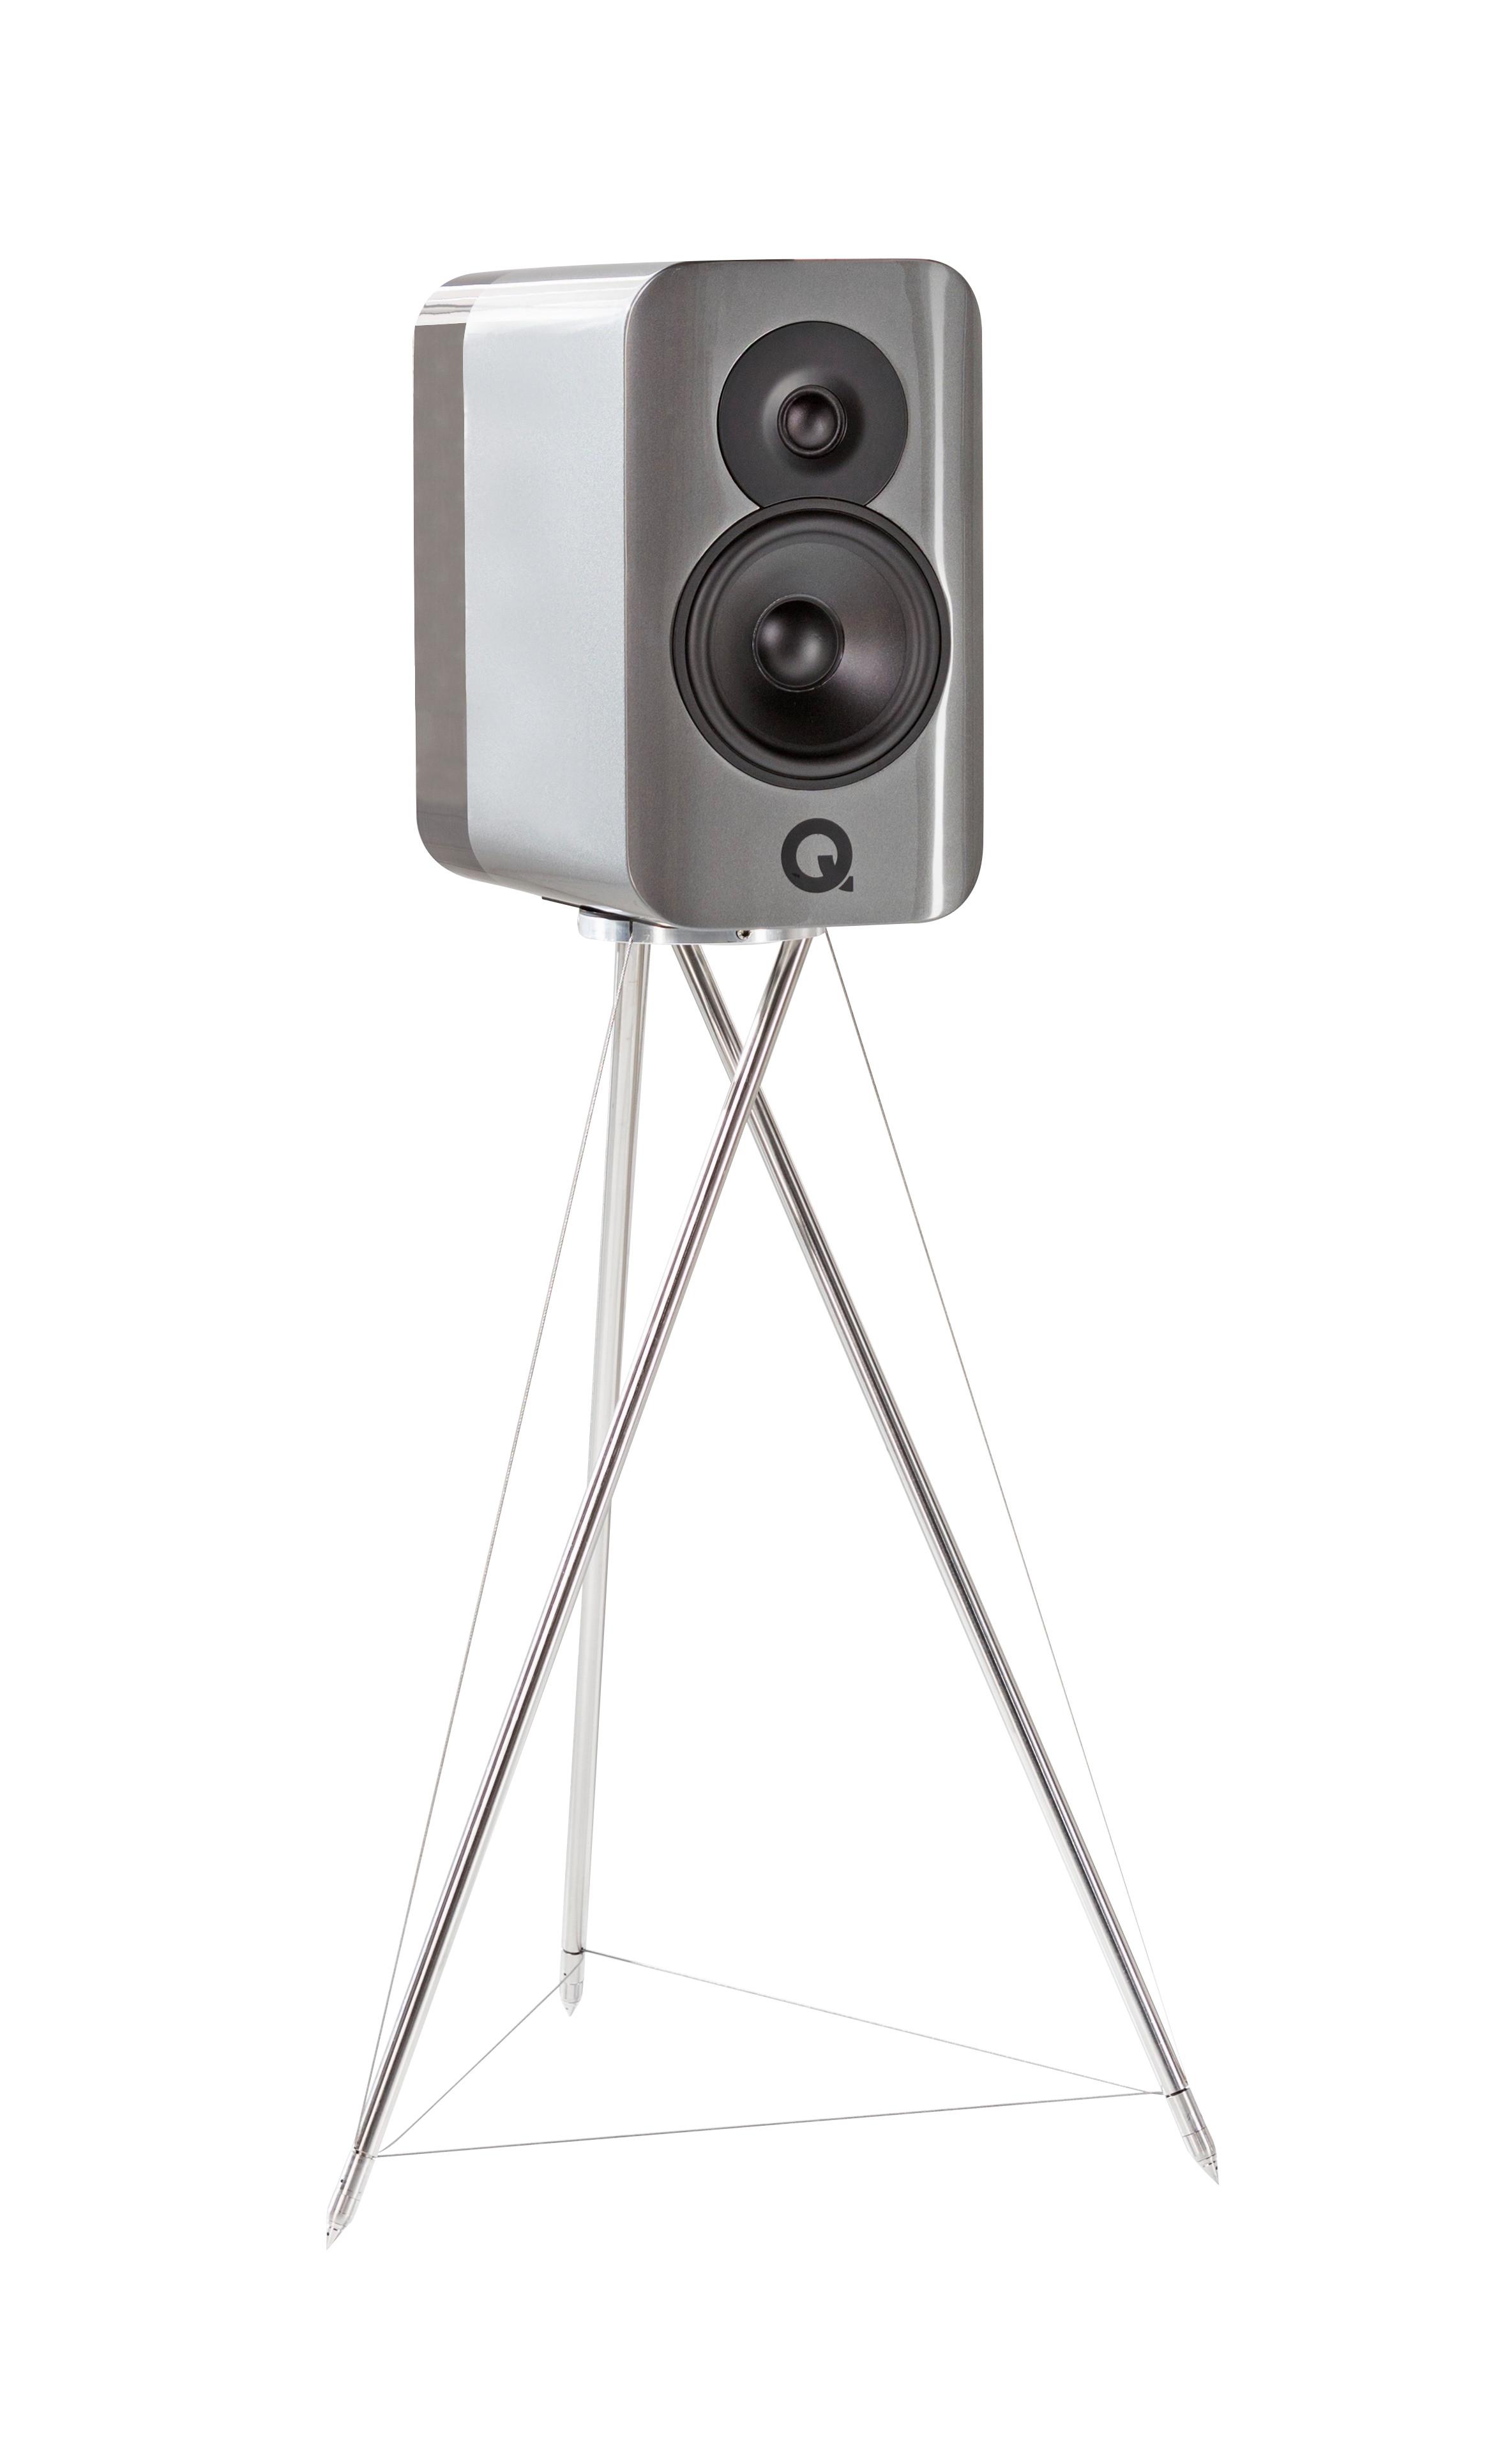 Det ovanliga stativet är integrerat i kabinettet. Foto: Q Acoustics